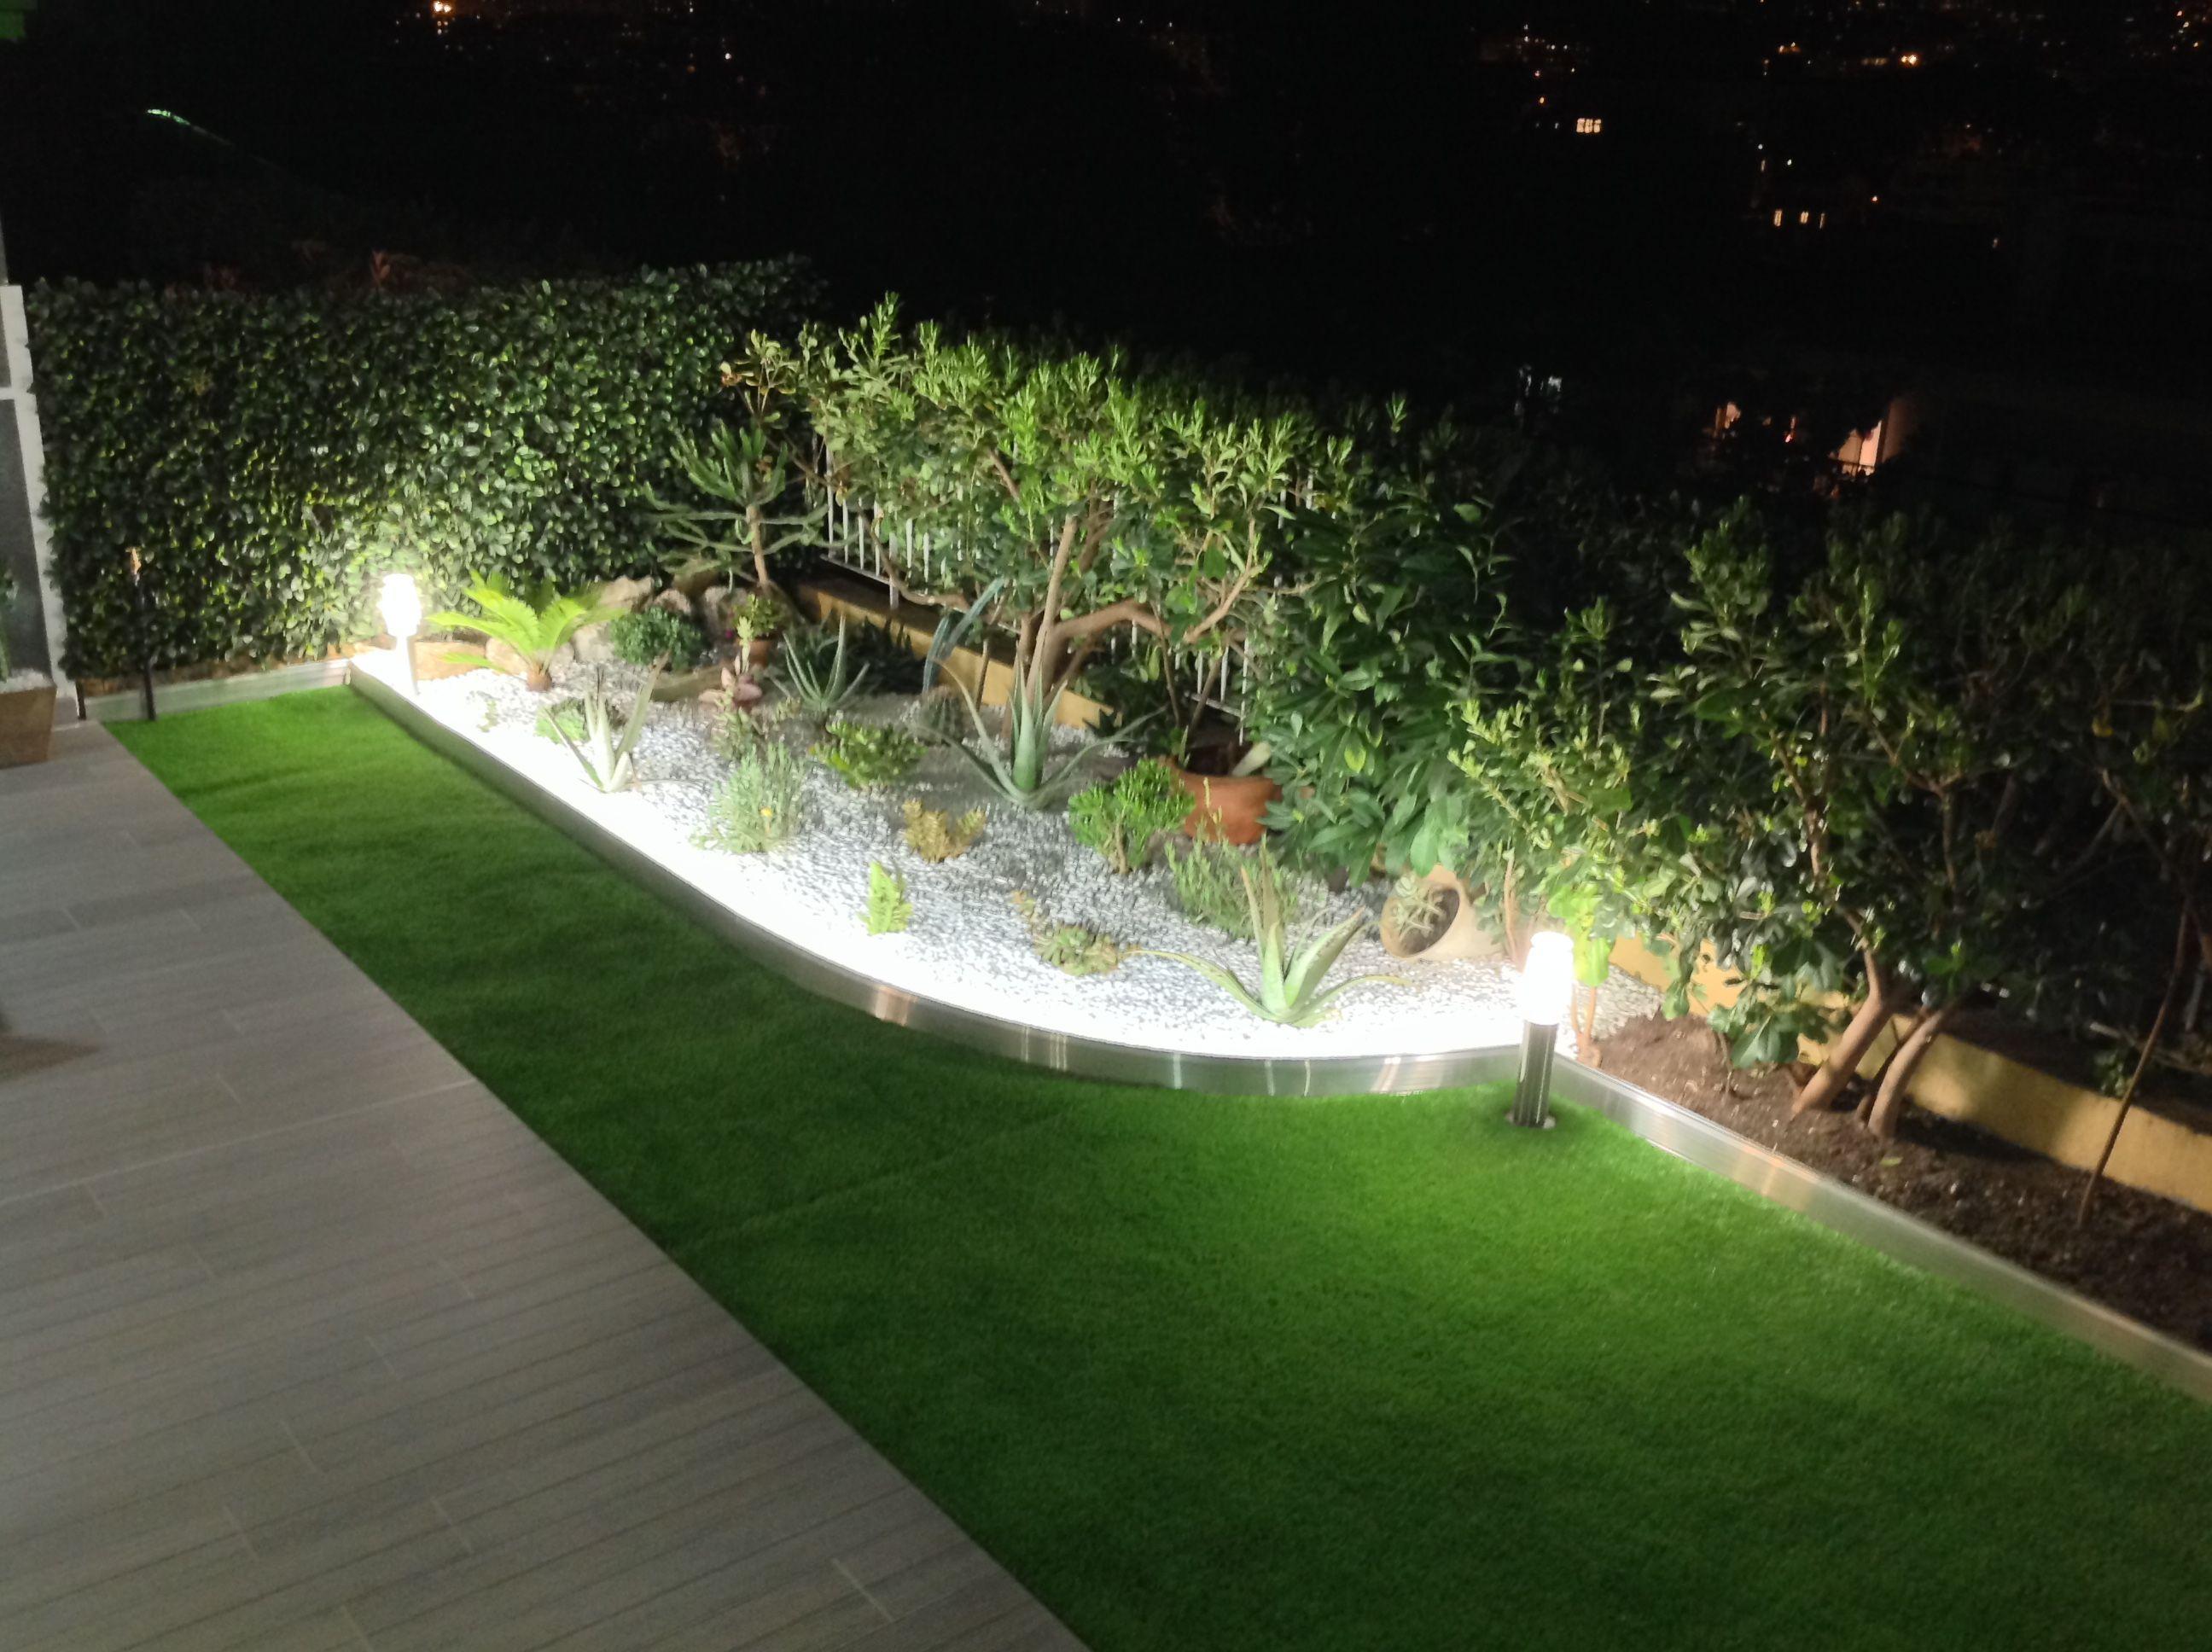 Bordure de jardin en aluminium brut avec clairage led for Eclairage led jardin